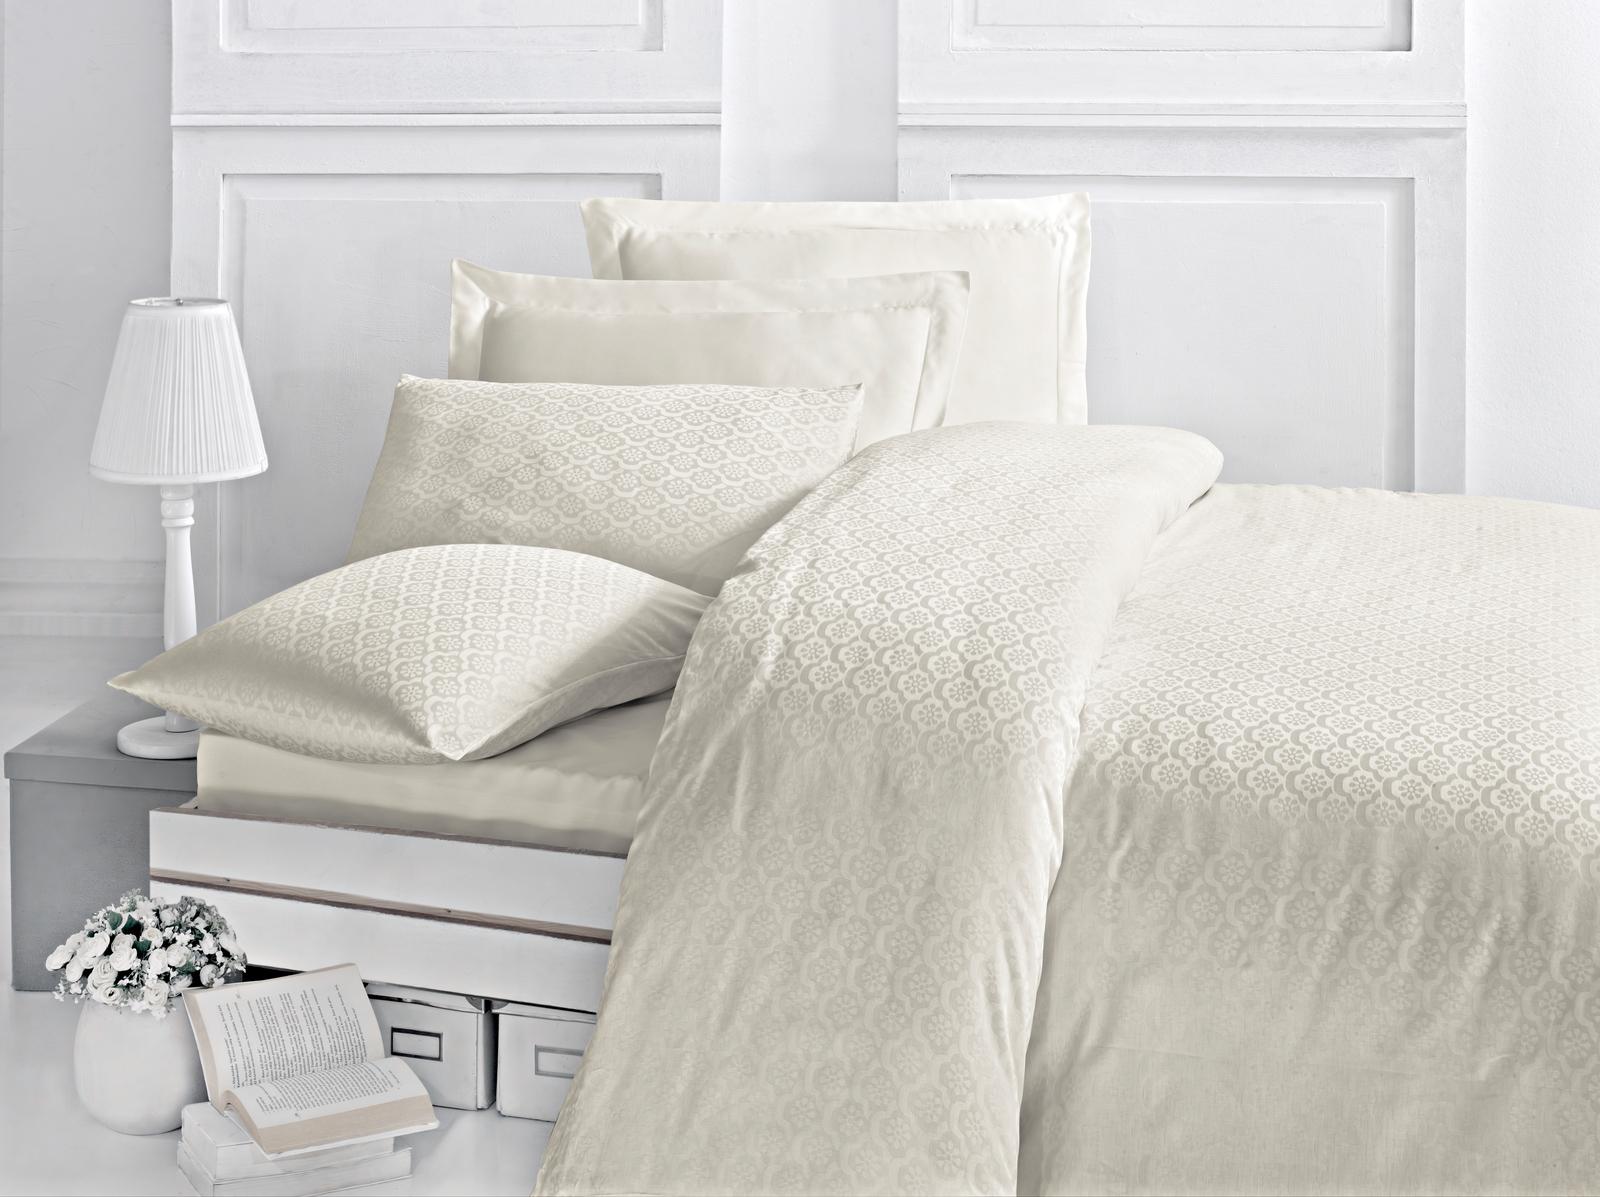 цена на Комплект белья Issimo Home Monte, евро, наволочки 50x70, цвет: слоновая кость